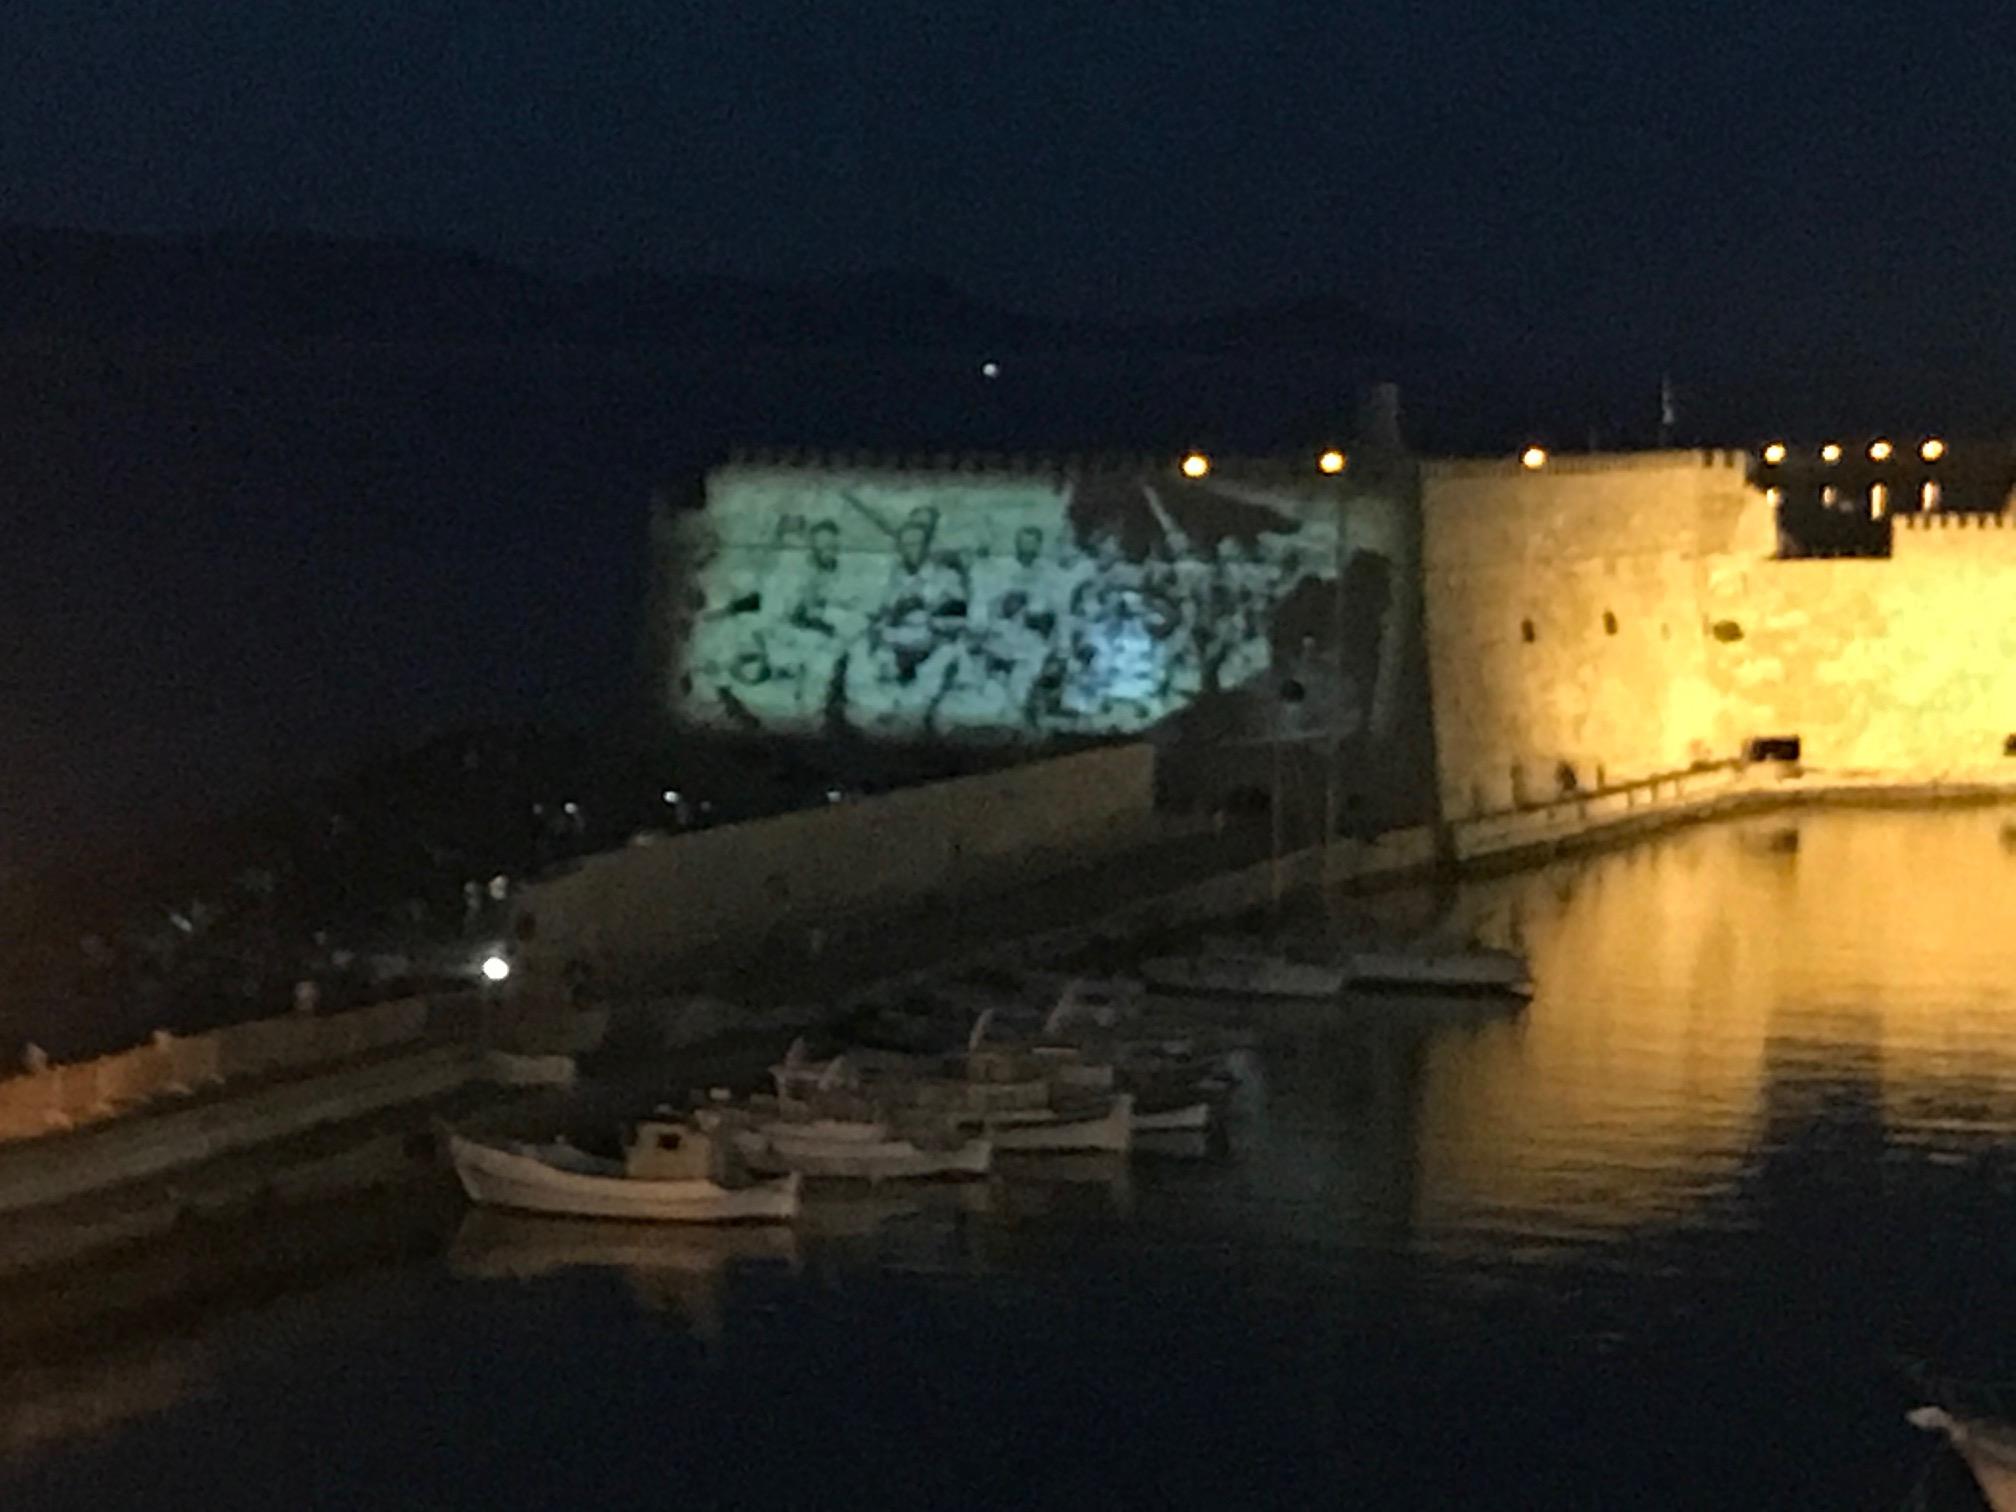 Αυτή την ώρα !! παίζει ντοκιμαντέρ για τα 80 χρόνια από την Μάχη της Κρήτης στο φρούριο Κούλε